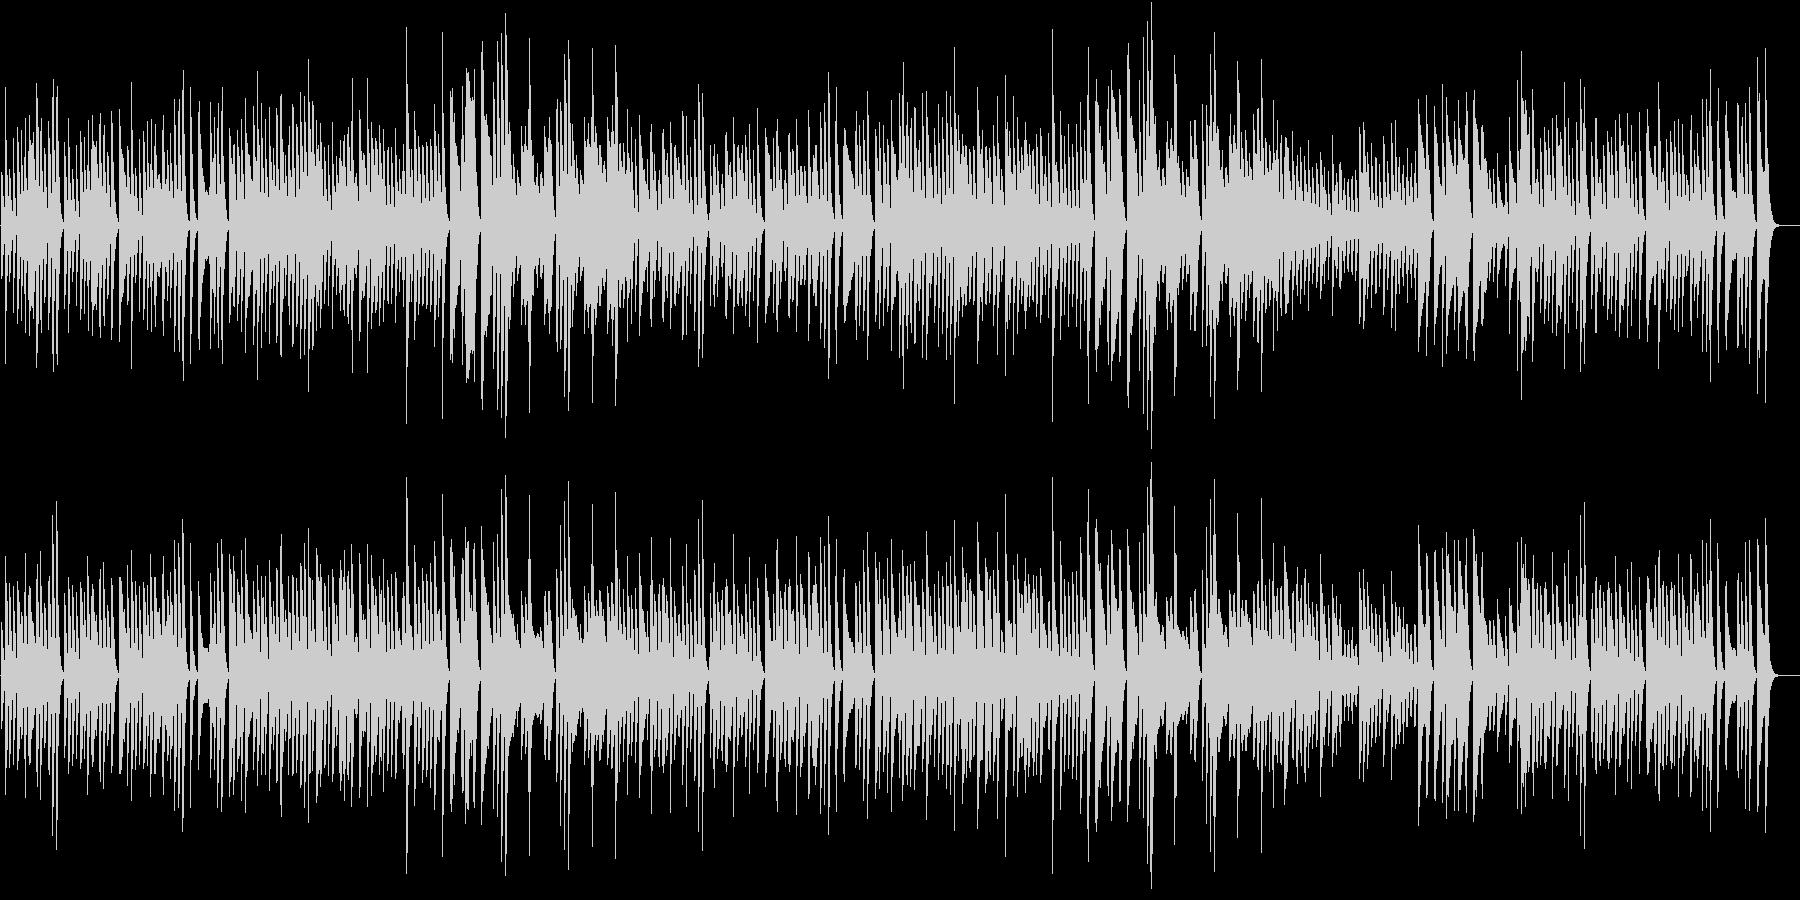 猫動画に♪リズミカルお茶目なピアノBGMの未再生の波形